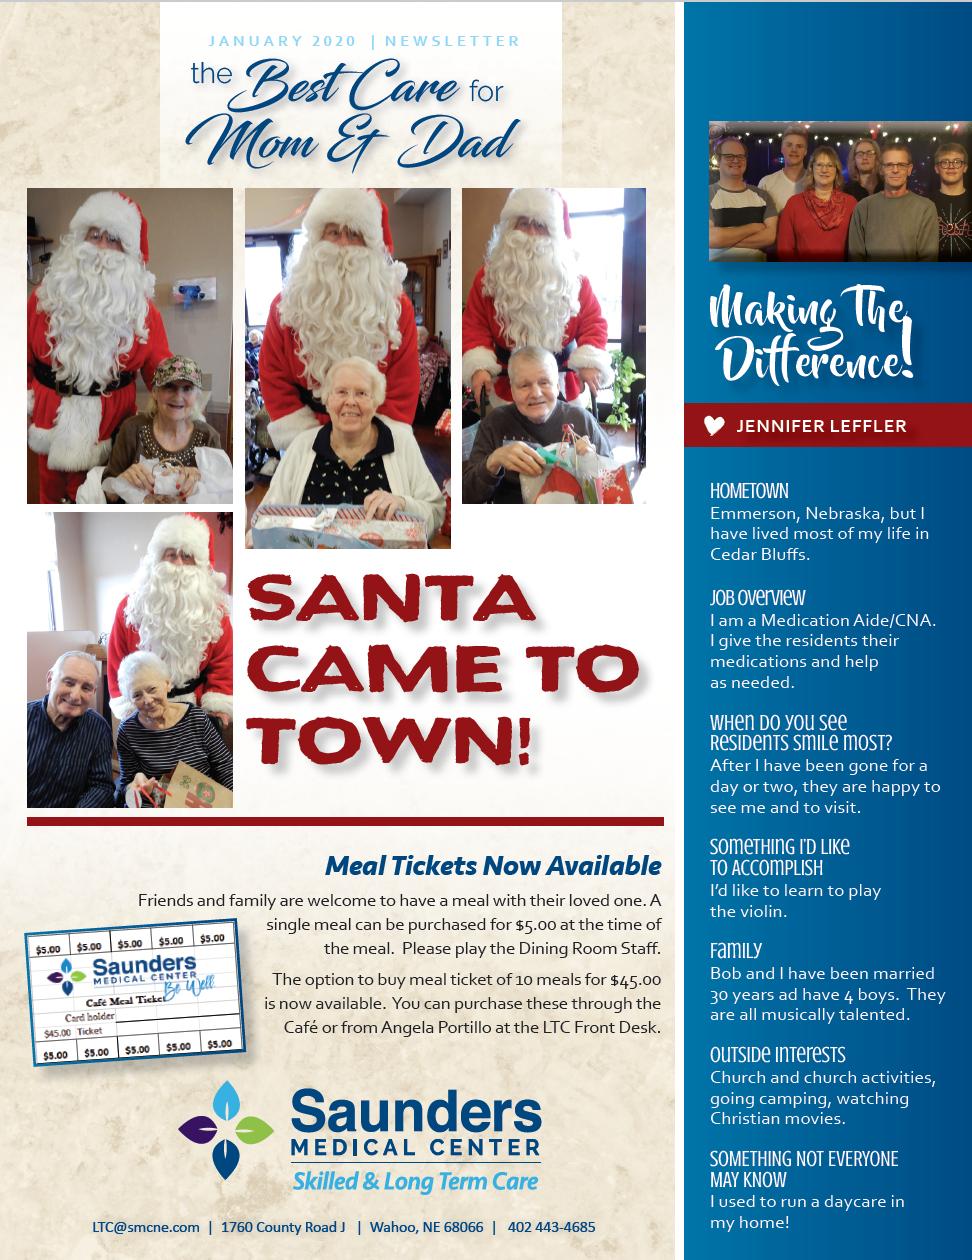 January Nursing Home Newsletter Released